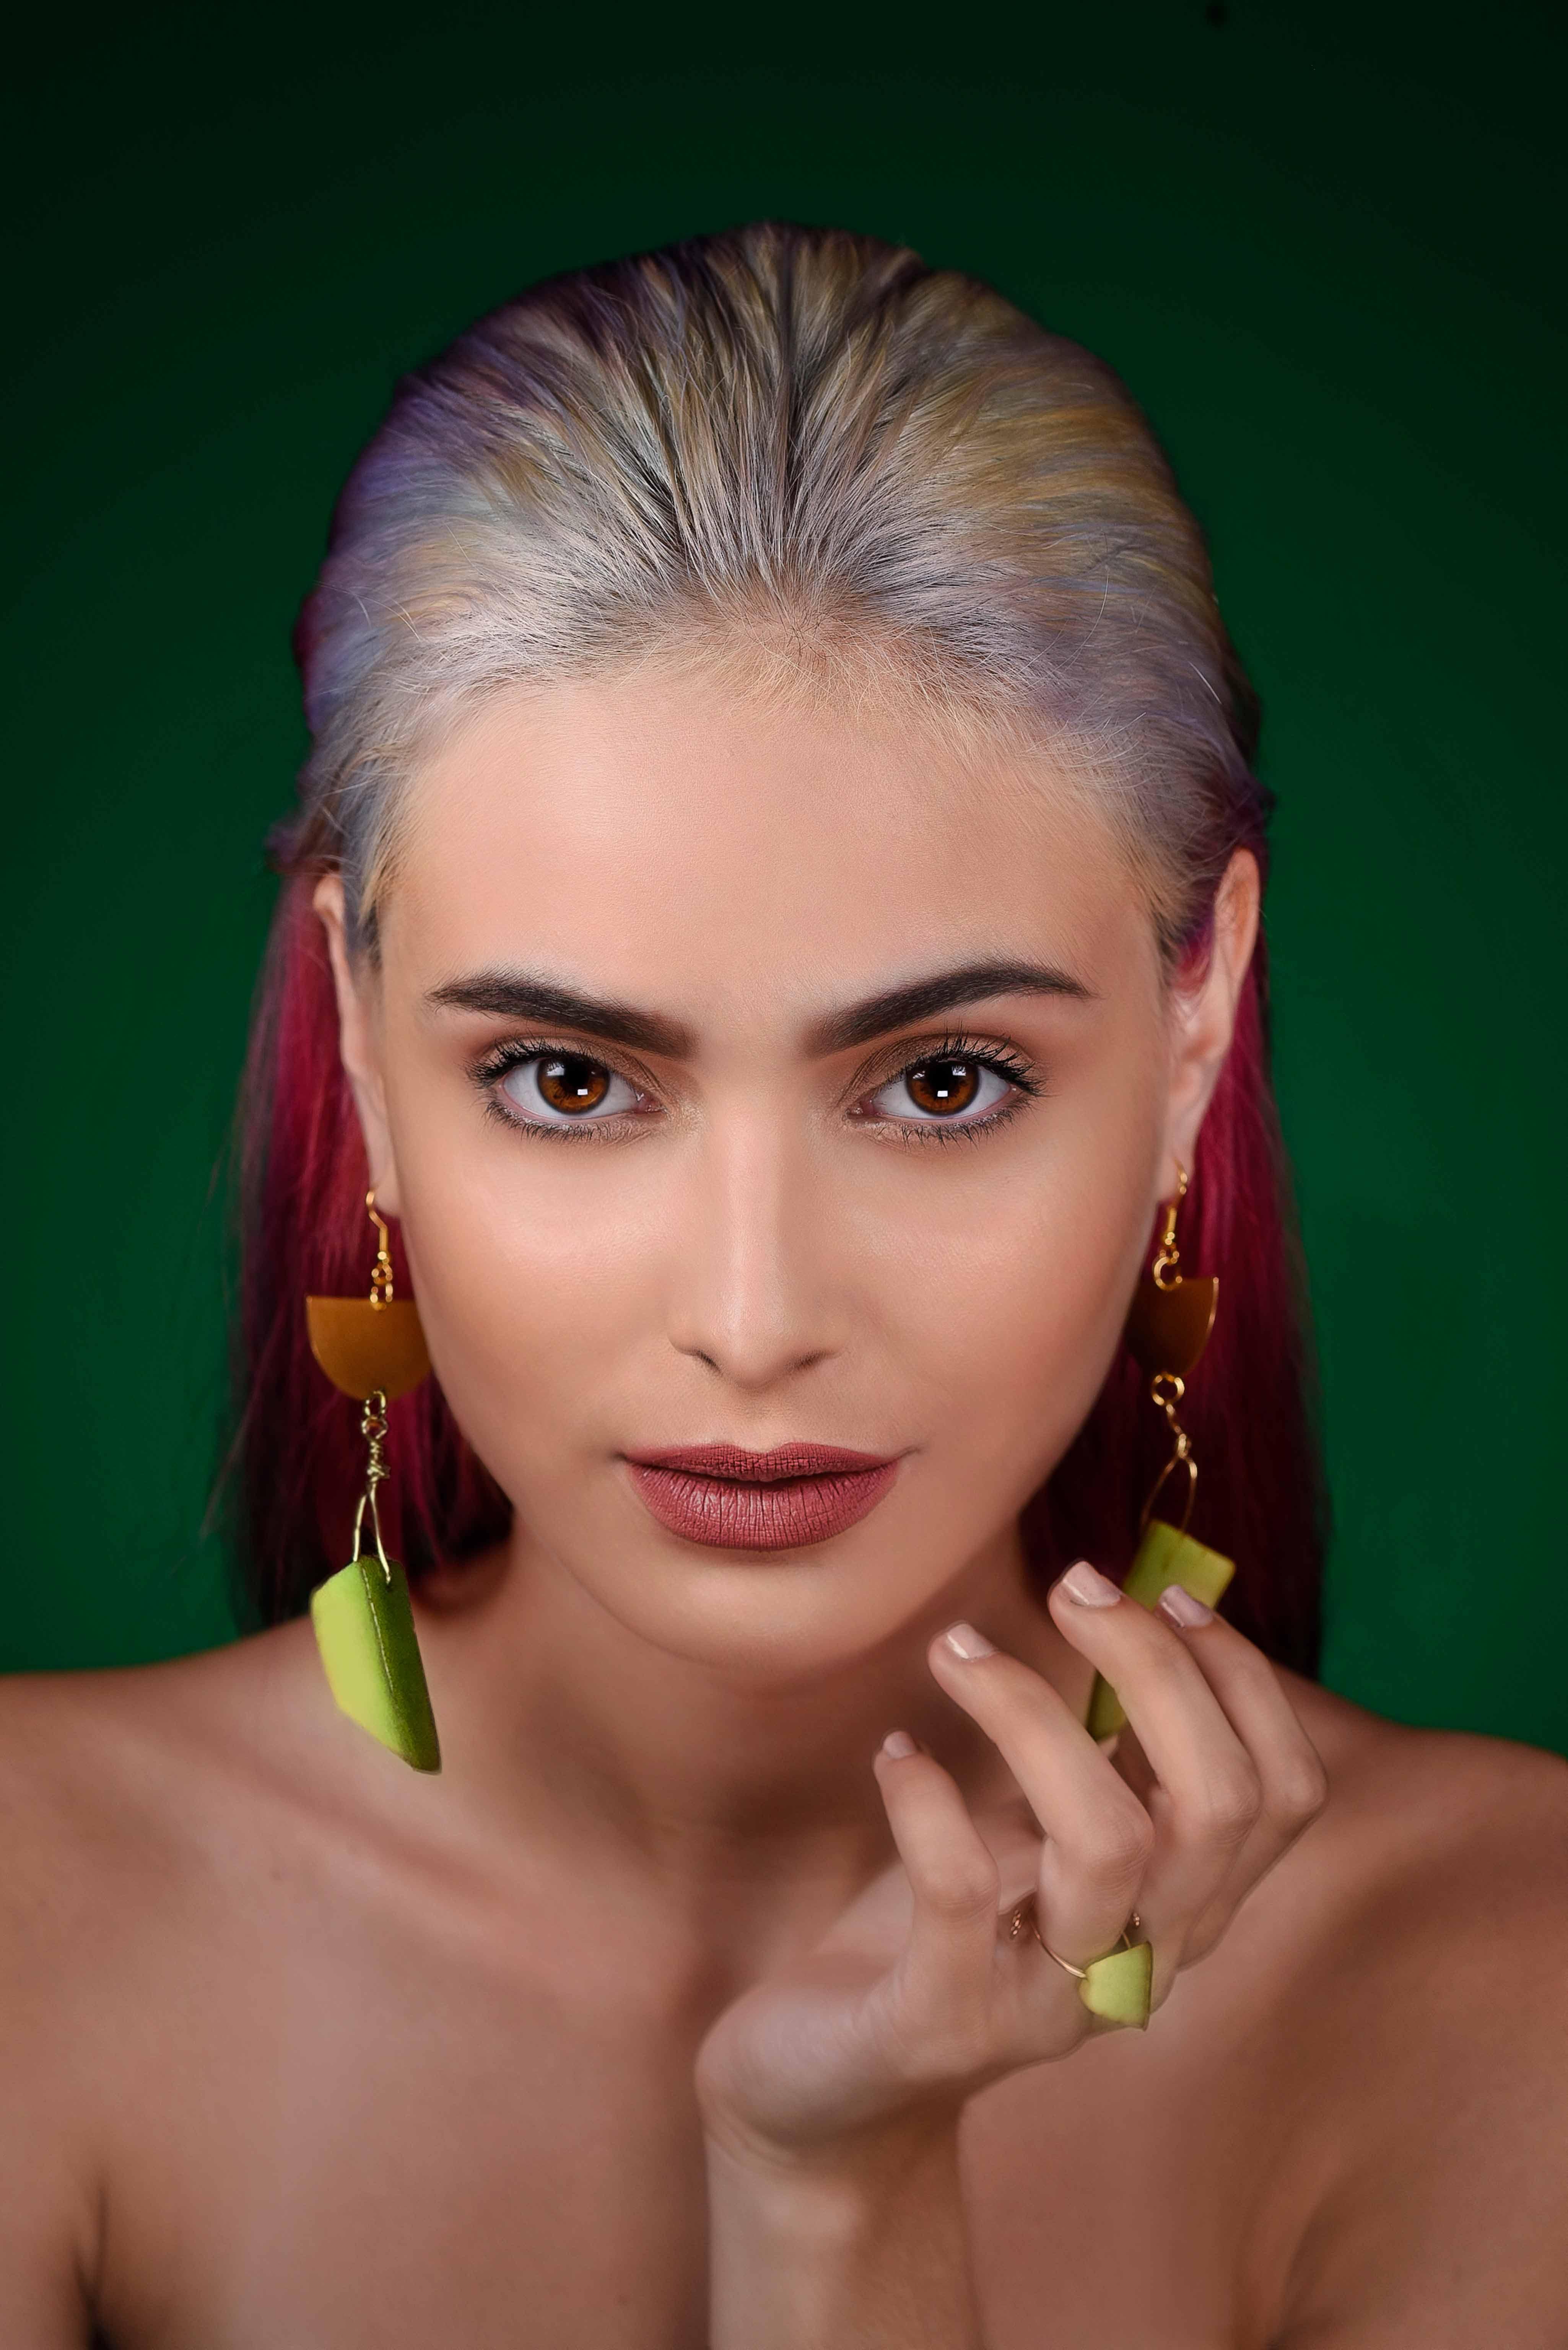 La modelo puertorriqueña Valeria Rivera, de Krone Models, posa con las pantallas y el anillo hechos de aguacate. (Foto: Angel L. García)